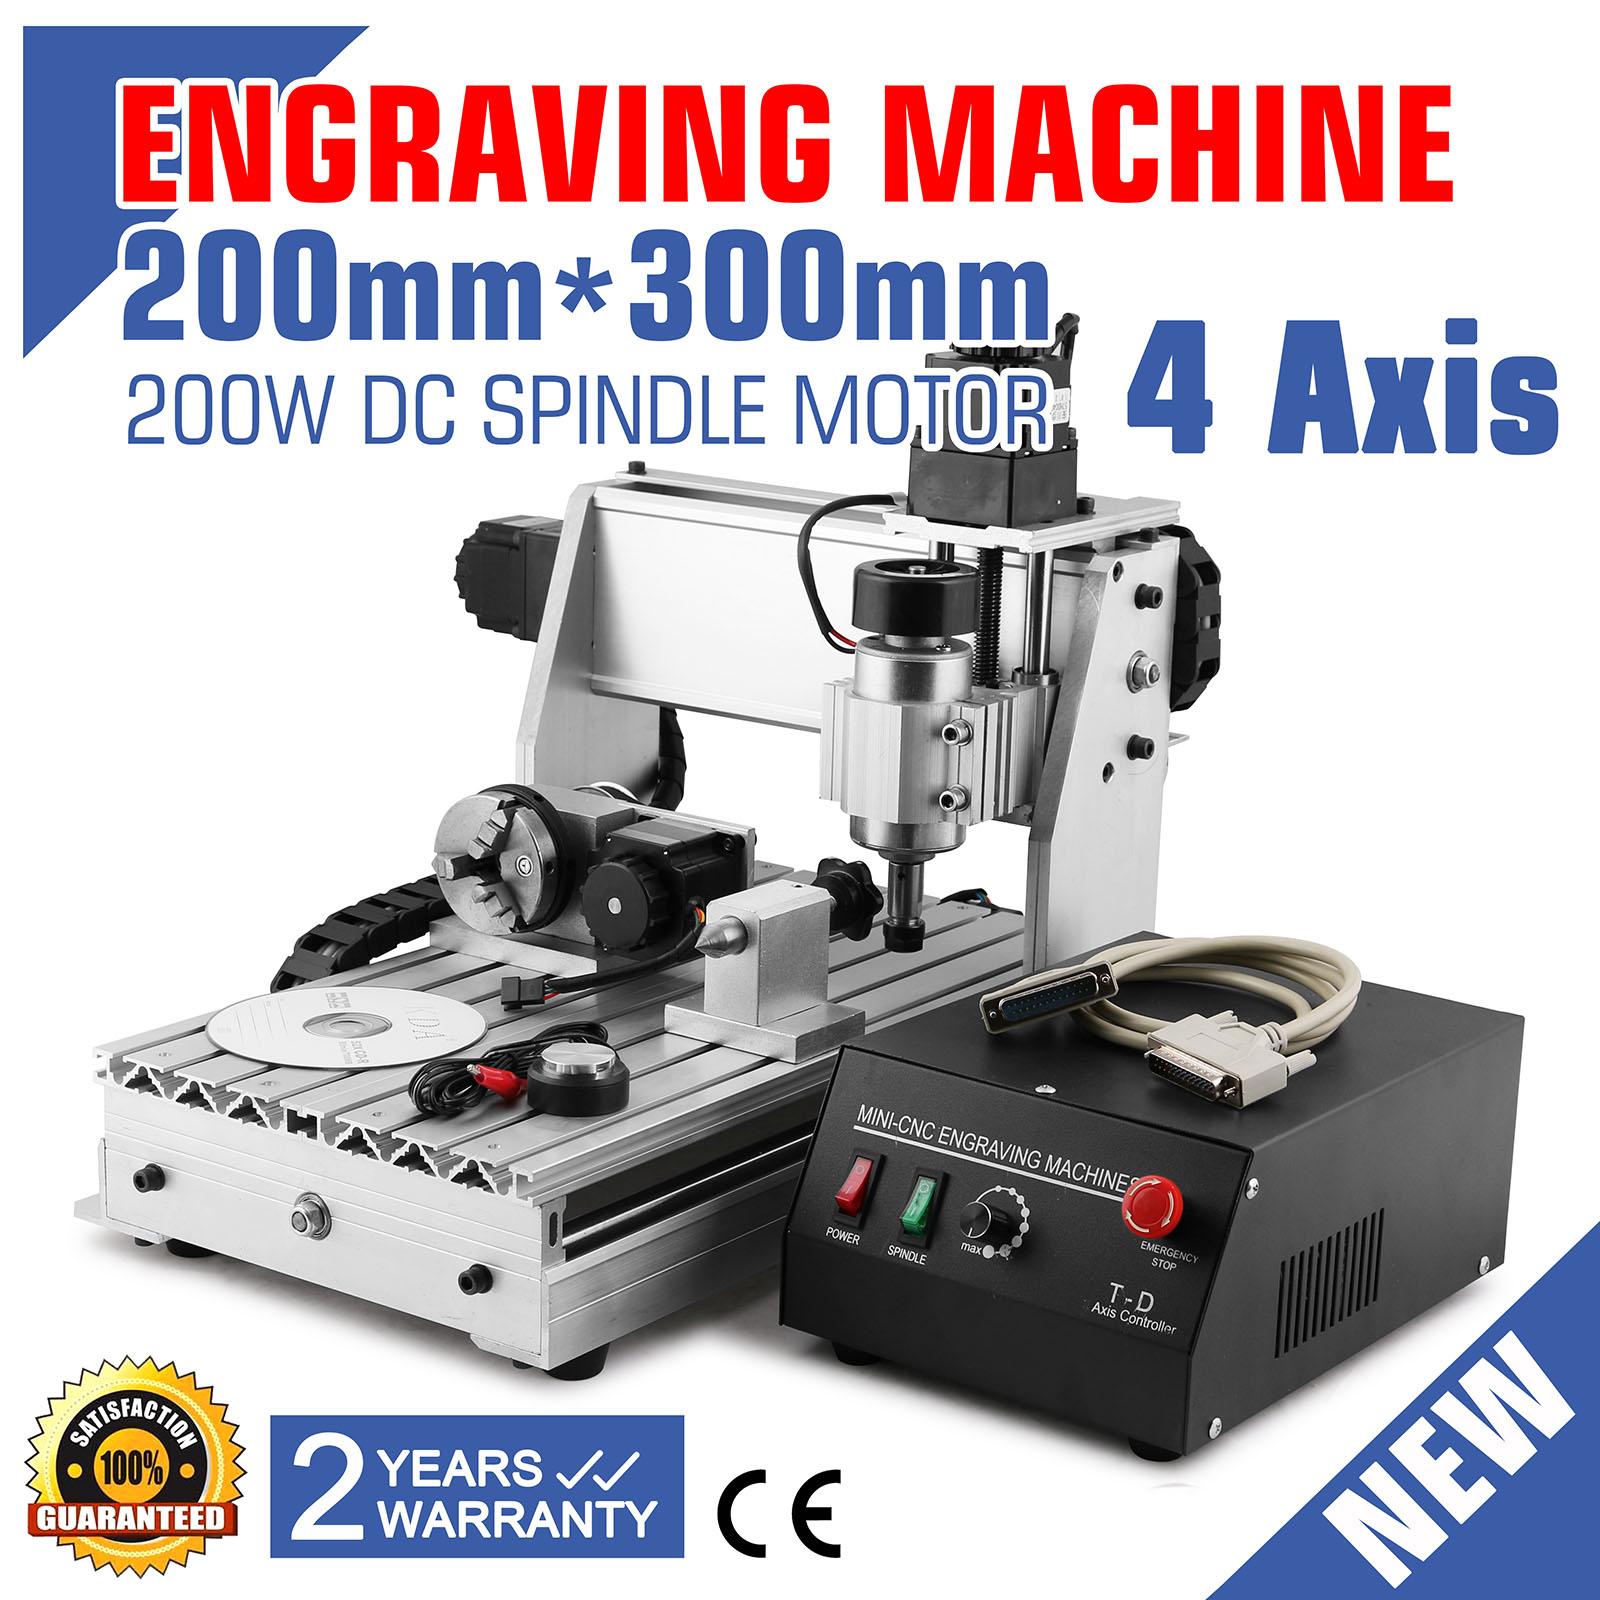 CNC-ROUTER-GRAVIERMASCHINE-4-AXIS-3020T-CUTTING-GRAVIERUNG-FRASMASCHINE-POPULAR